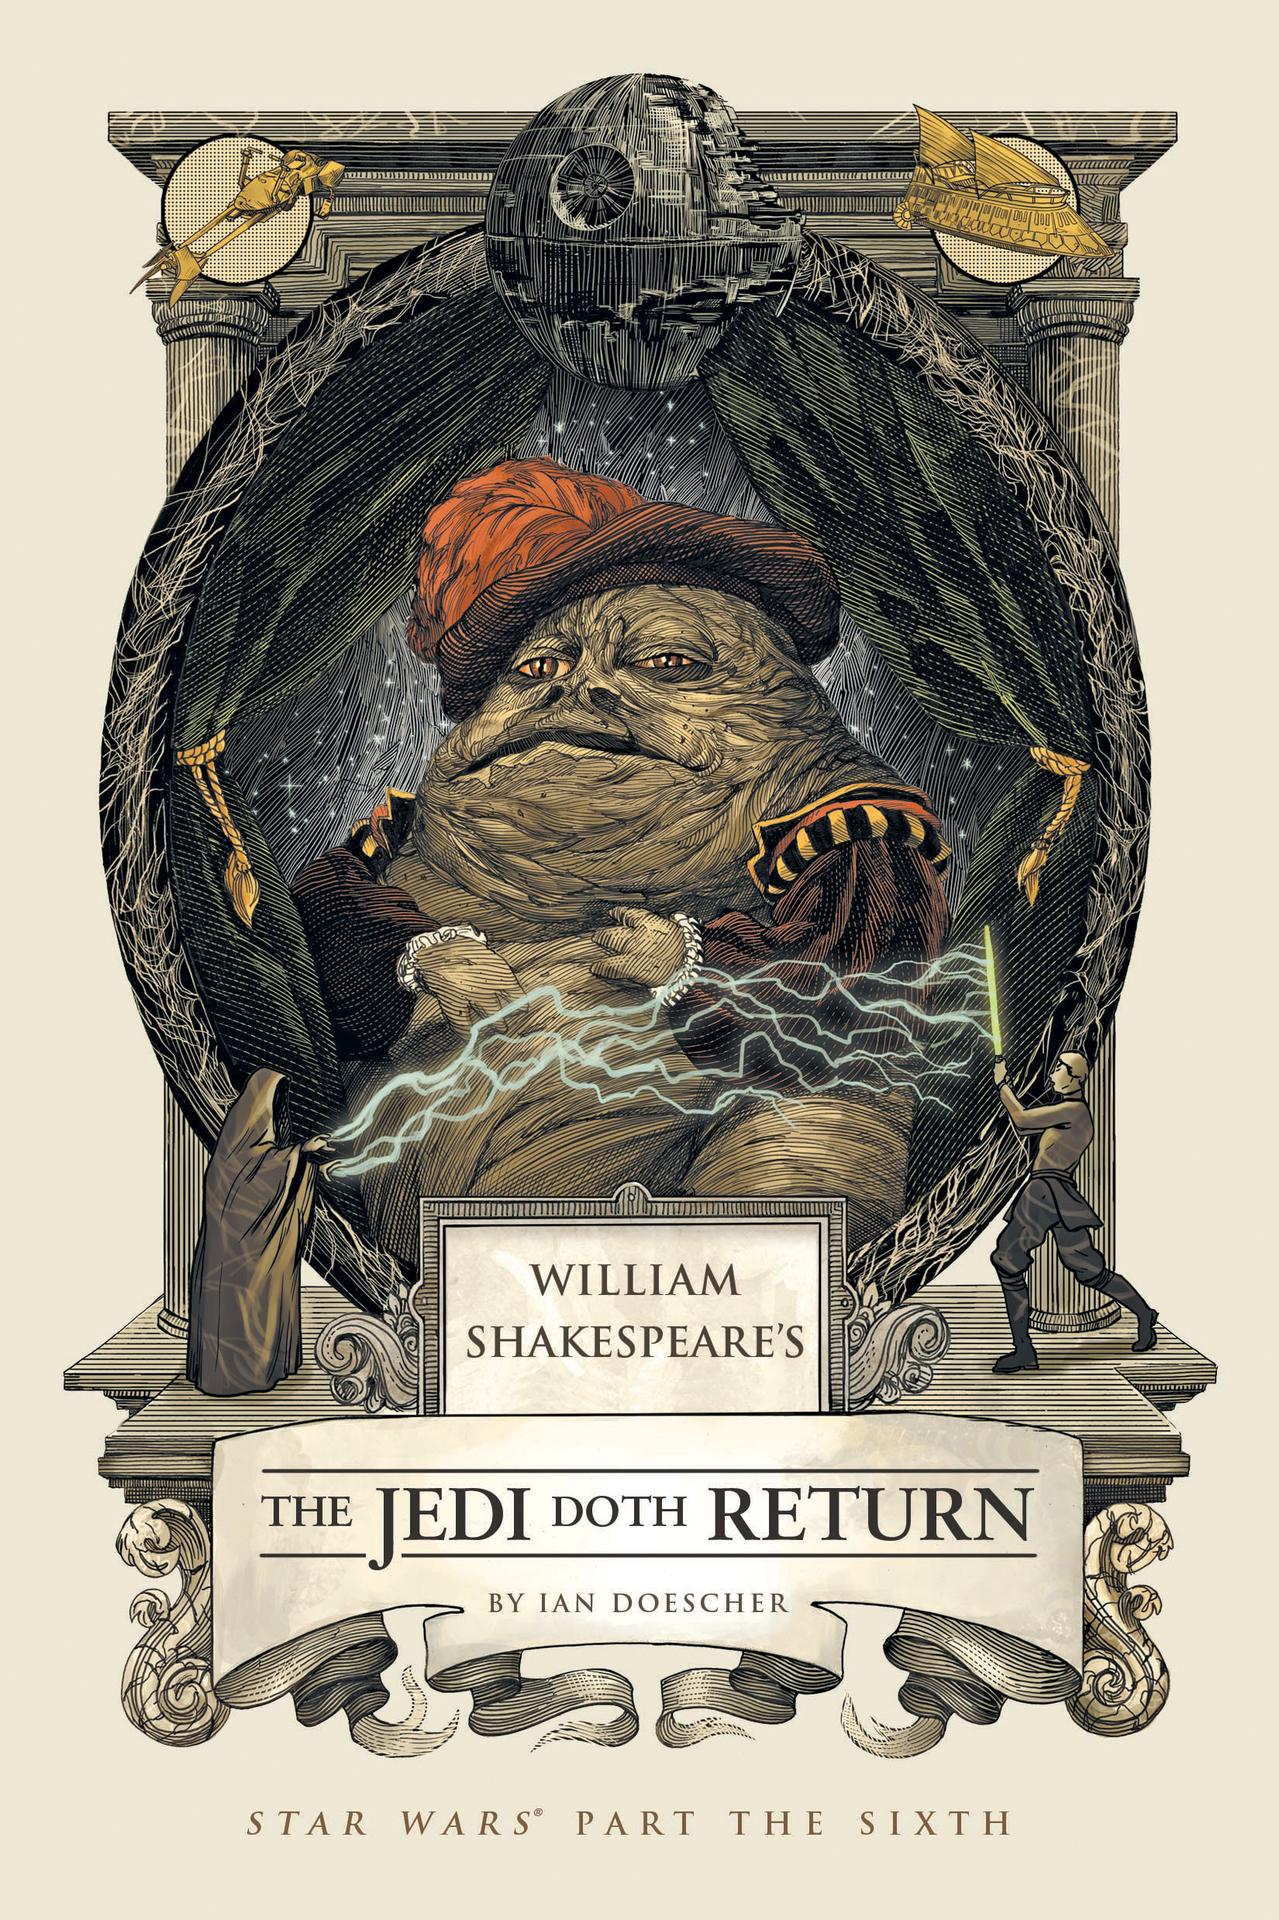 Звёздные войны Уильяма Шекспира. Эпизод VI: Возвращение джедая